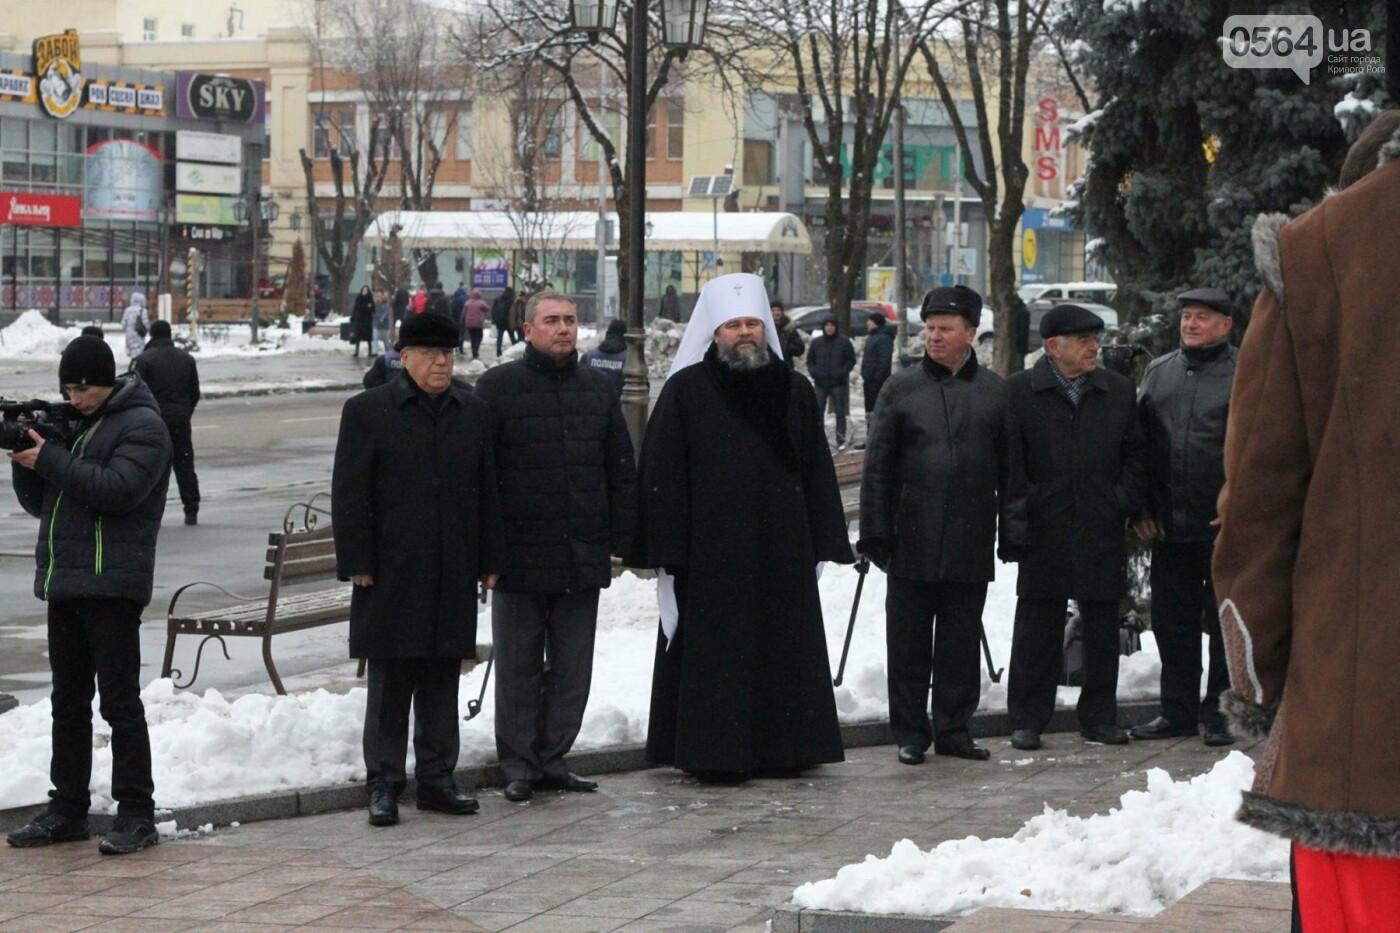 В Кривом Роге возложили цветы к памятнику Тарасу Шевченко (ФОТО), фото-5